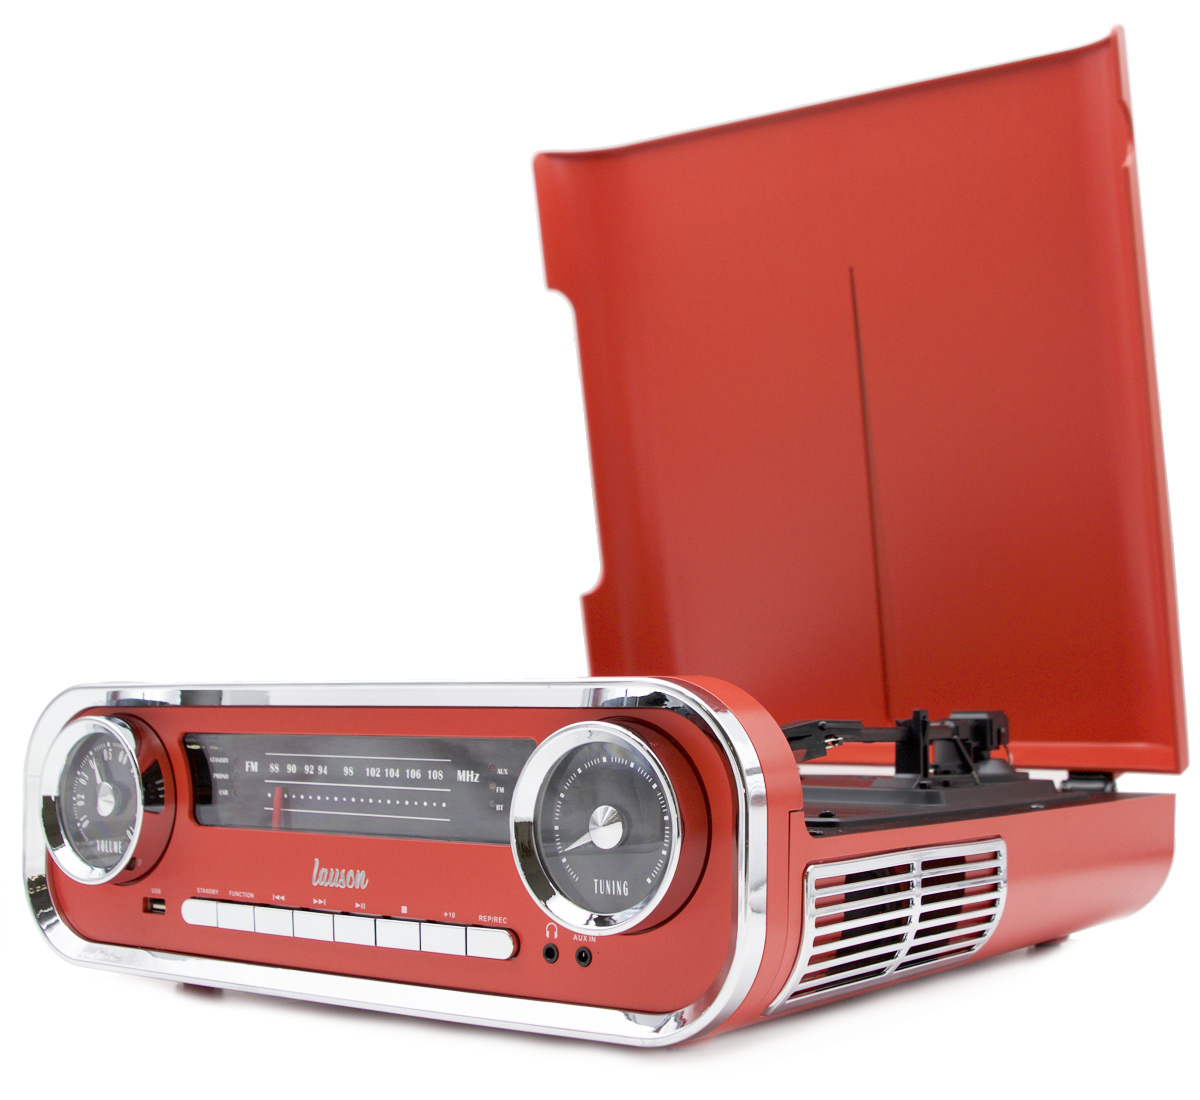 Lauson 01TT18 Platine Vinyle Vintage Design Car Collection 2 Haut-Parleurs St/ér/éo 3W Int/égr/és Bleu Encoding Bluetooth 78 RPM 45 USB Lecteur Vinyle 3 Vitesses 33 Tourne Disque et Radio FM